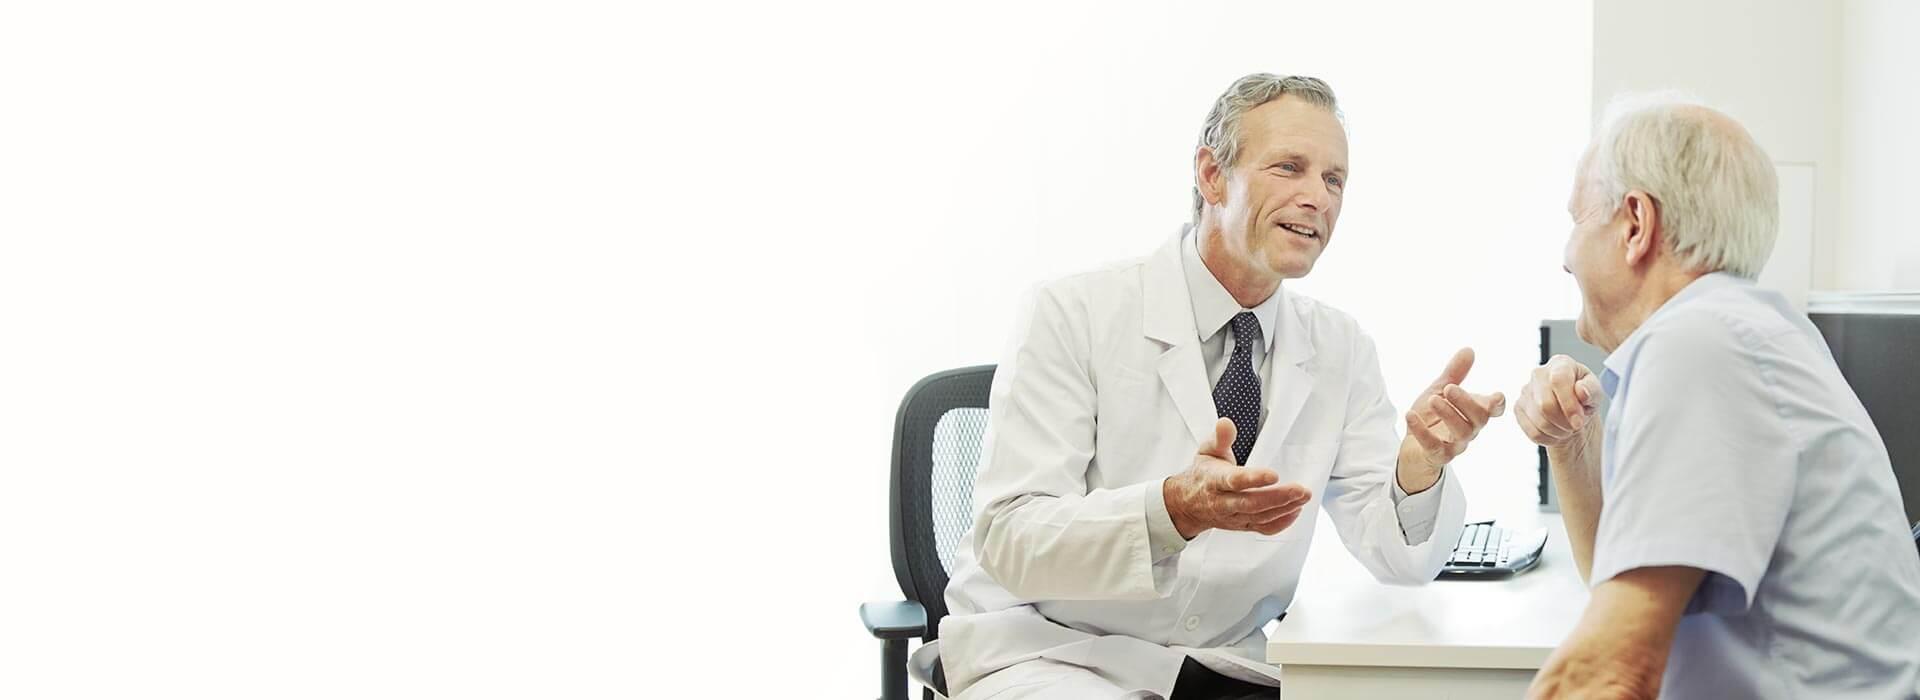 hearing-loss-taking-action